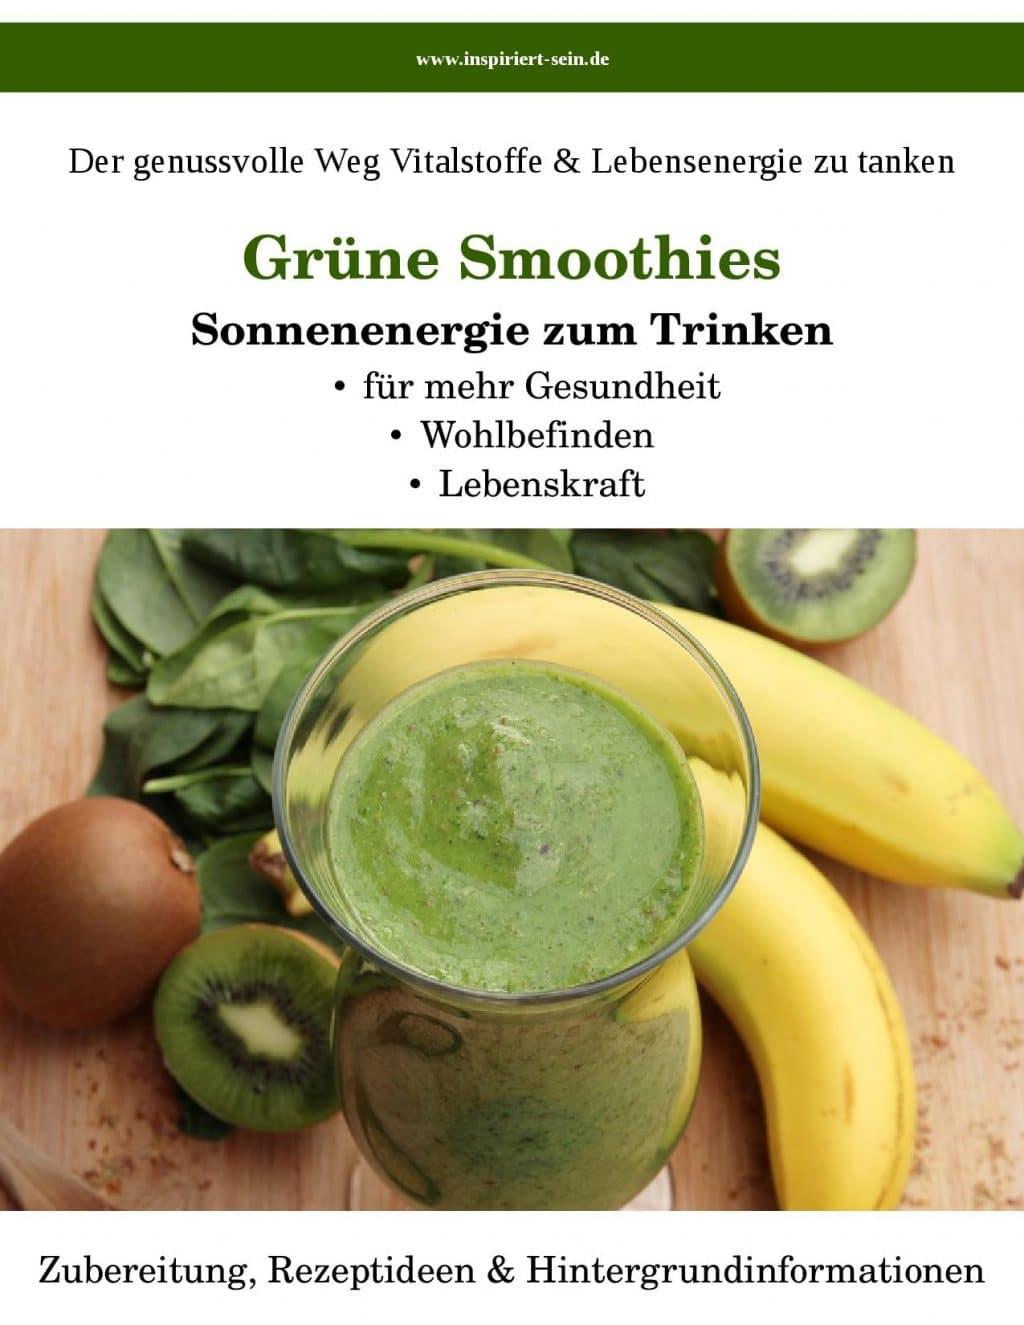 Cover Grüne Smoothies von Marion Selzer und Jens Sprengel